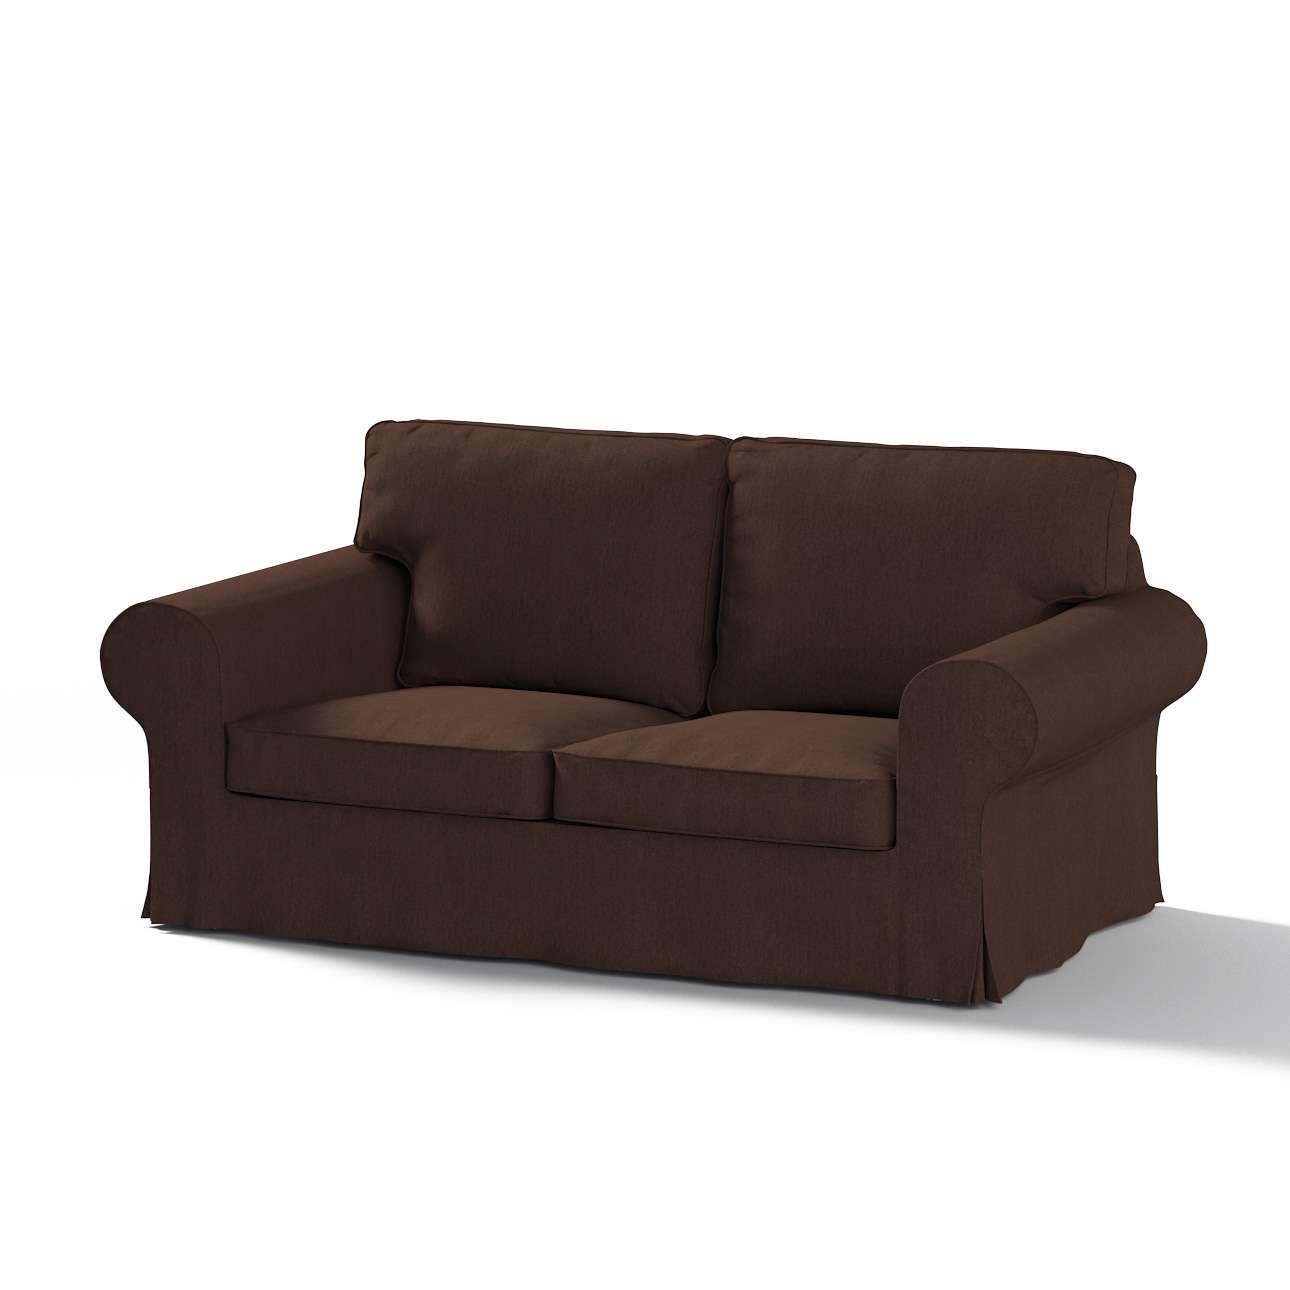 Ektorp dvivietės sofos su lova užvalkalas (naujas modelis nuo 2012 m) Ektorp dvivietės sofos-lovos užvalkalas (modelis nuo 2012 m) kolekcijoje Chenille, audinys: 702-18